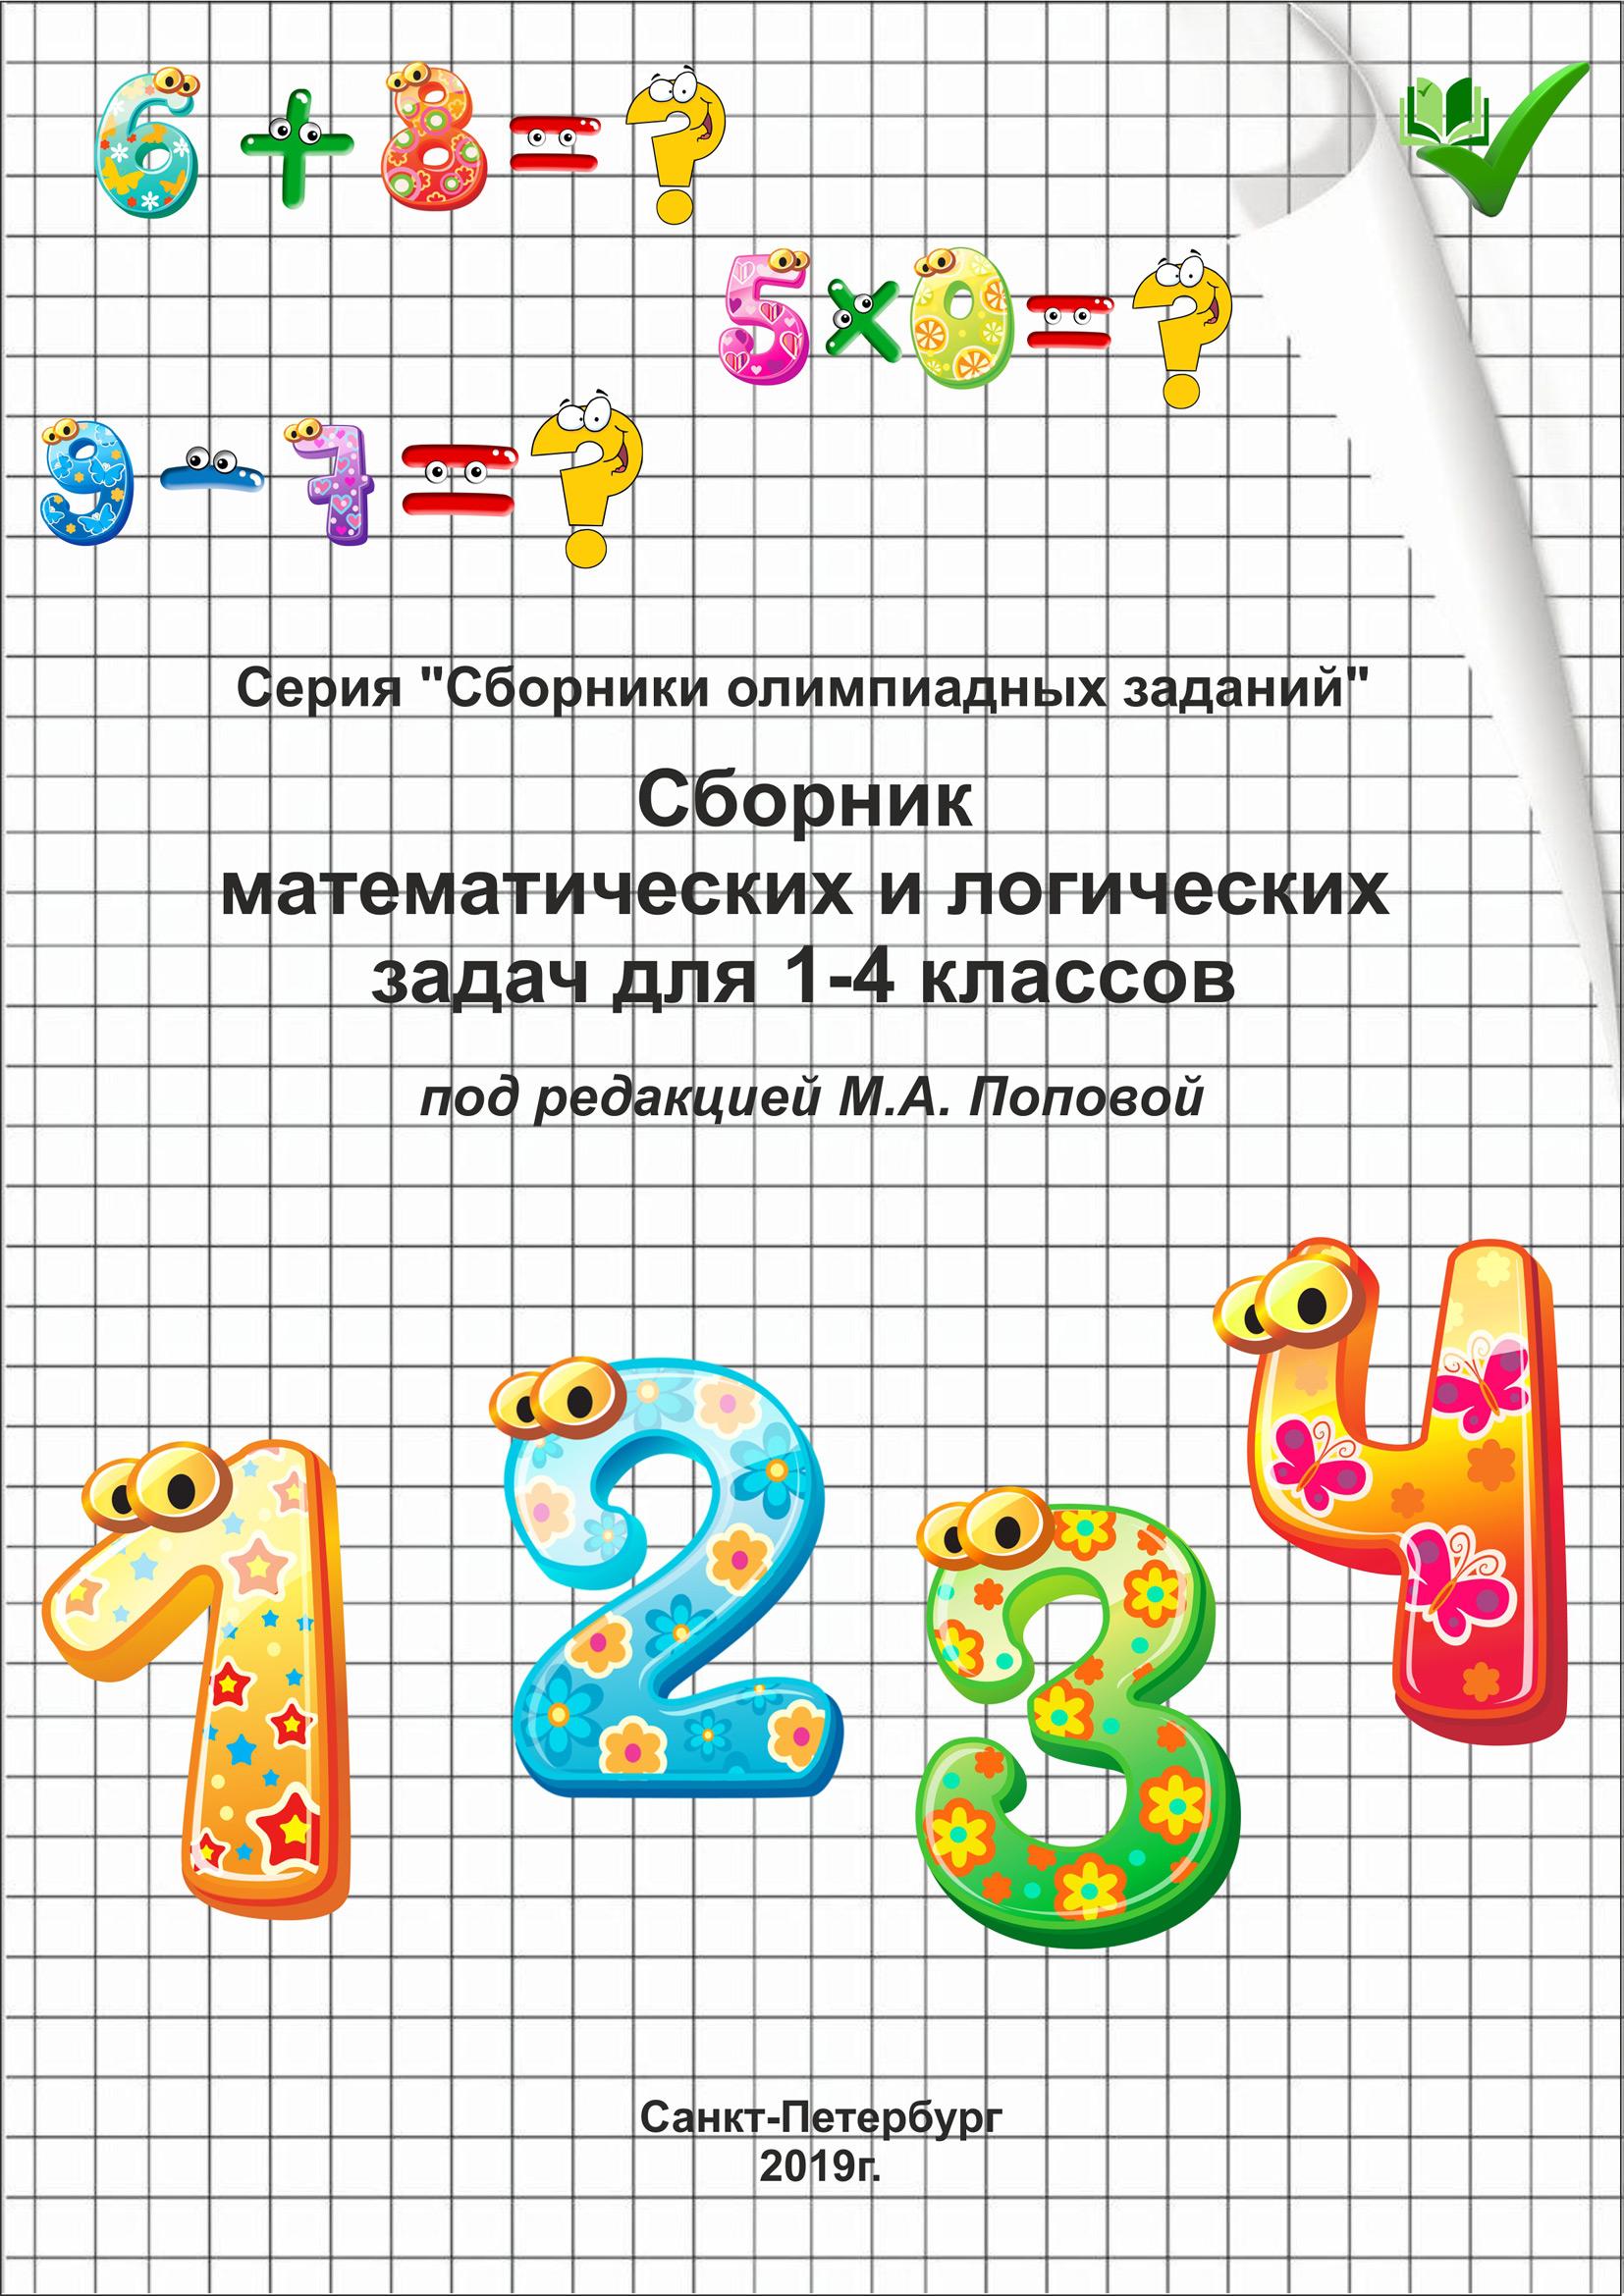 Сборник математических и логических задач для 1–4 классов